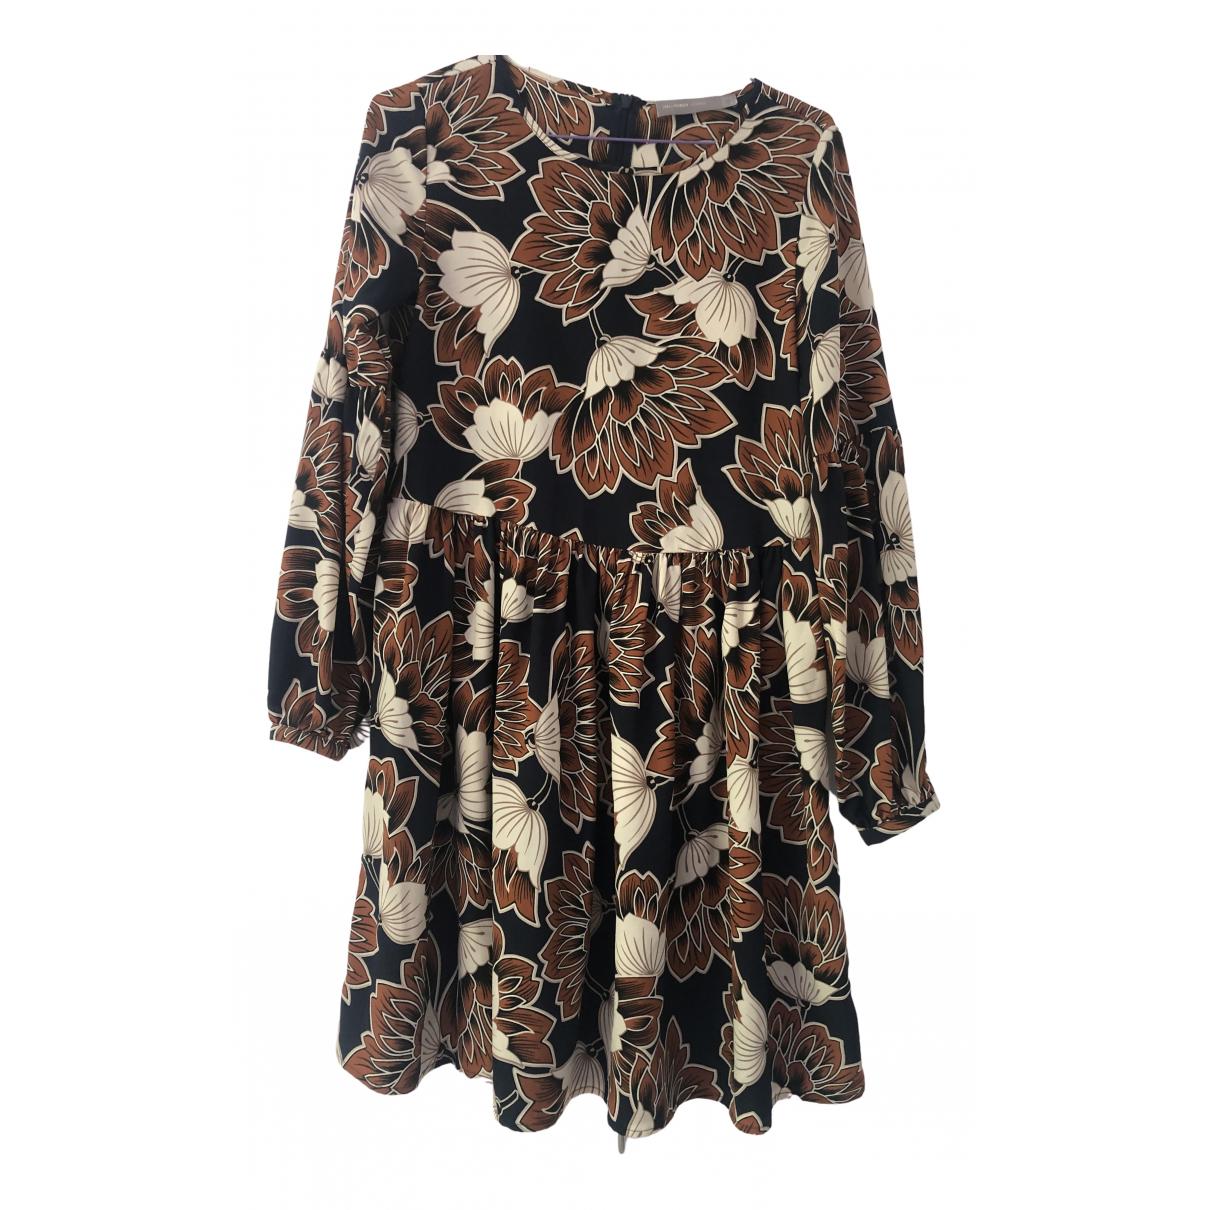 Hallhuber \N Kleid in  Braun Seide